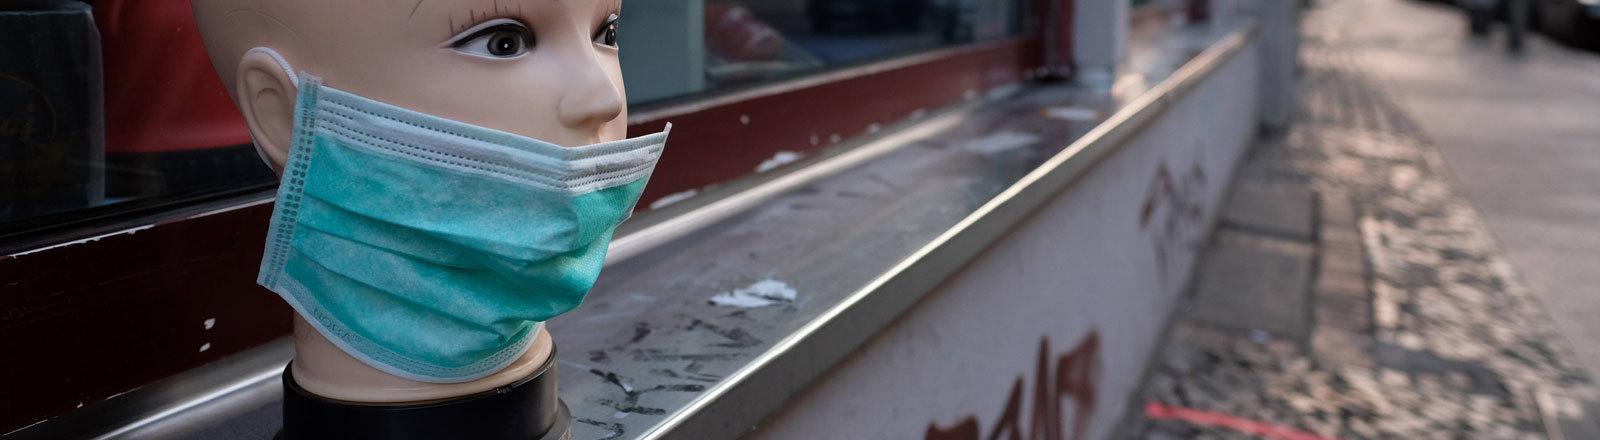 Vor einem Laden in der Oranienstraße in Berlin-Kreuzberg weist ein Puppenkopf mit einem Mundschutz auf den Verkauf von Atemschutzmasken hin.